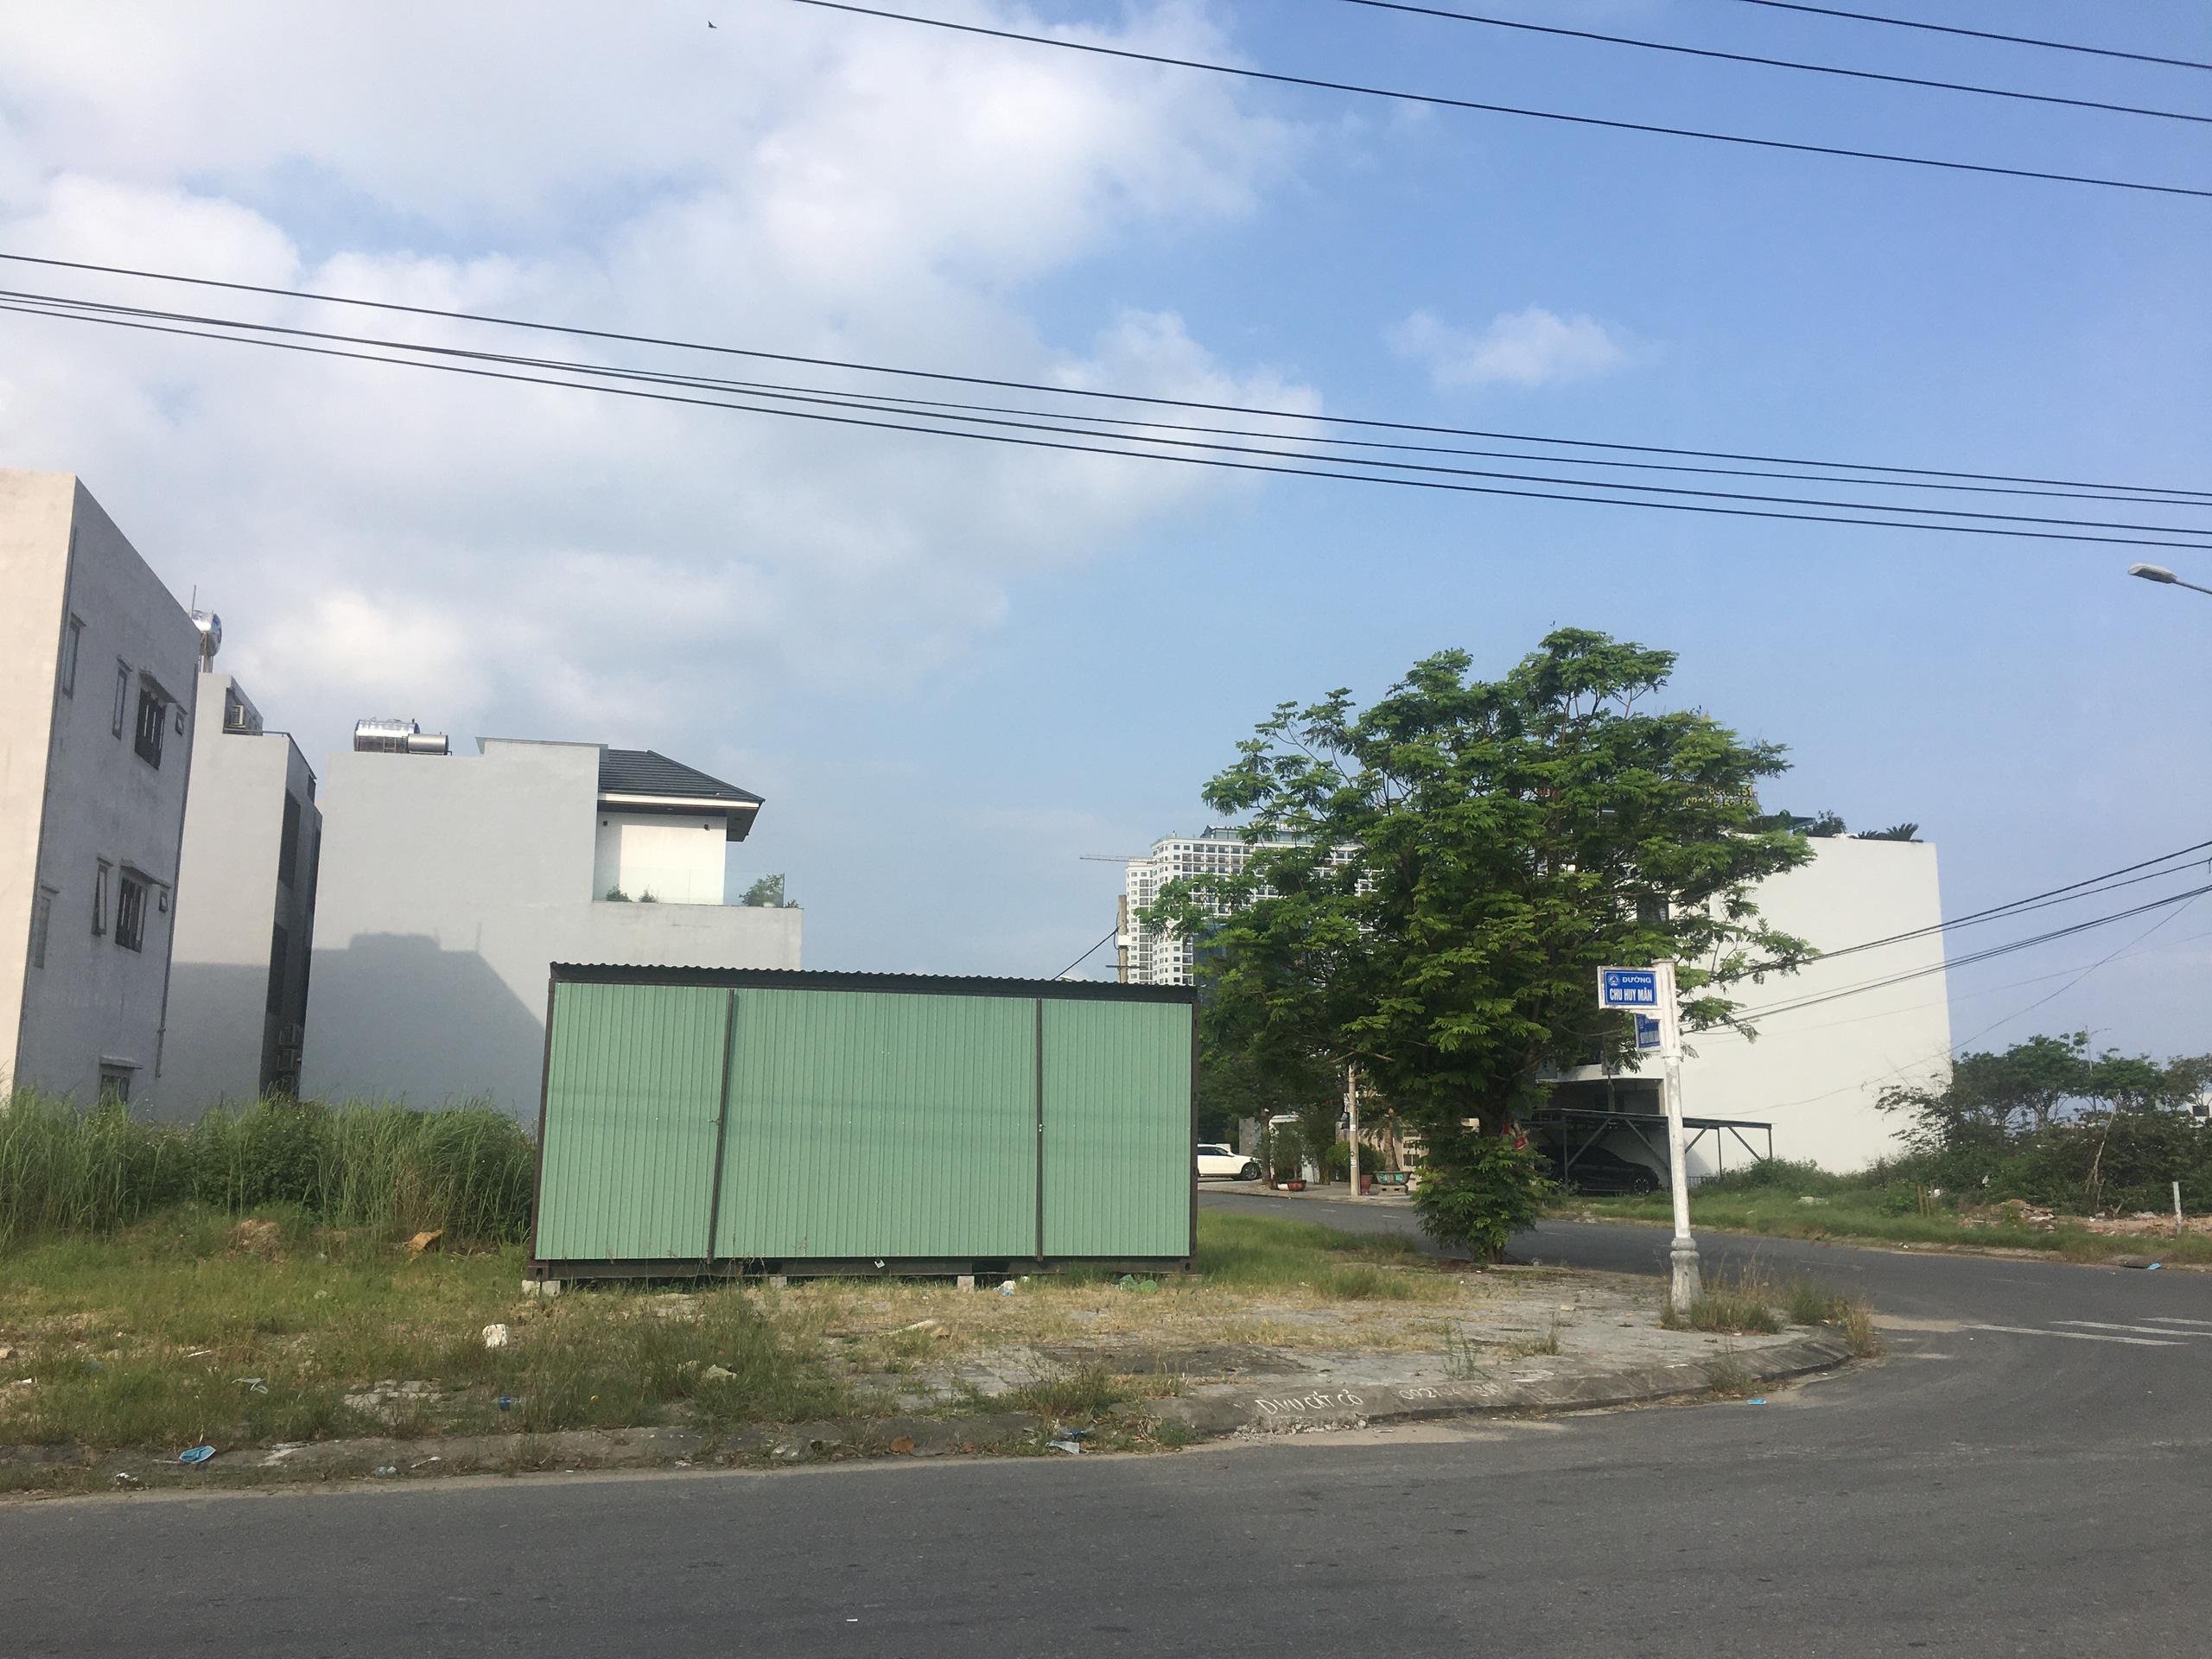 Môi giới Đà Nẵng dựng hàng loạt ki ốt không phép để kinh doanh khi cơn sốt đất diễn ra khắp nơi - Ảnh 9.